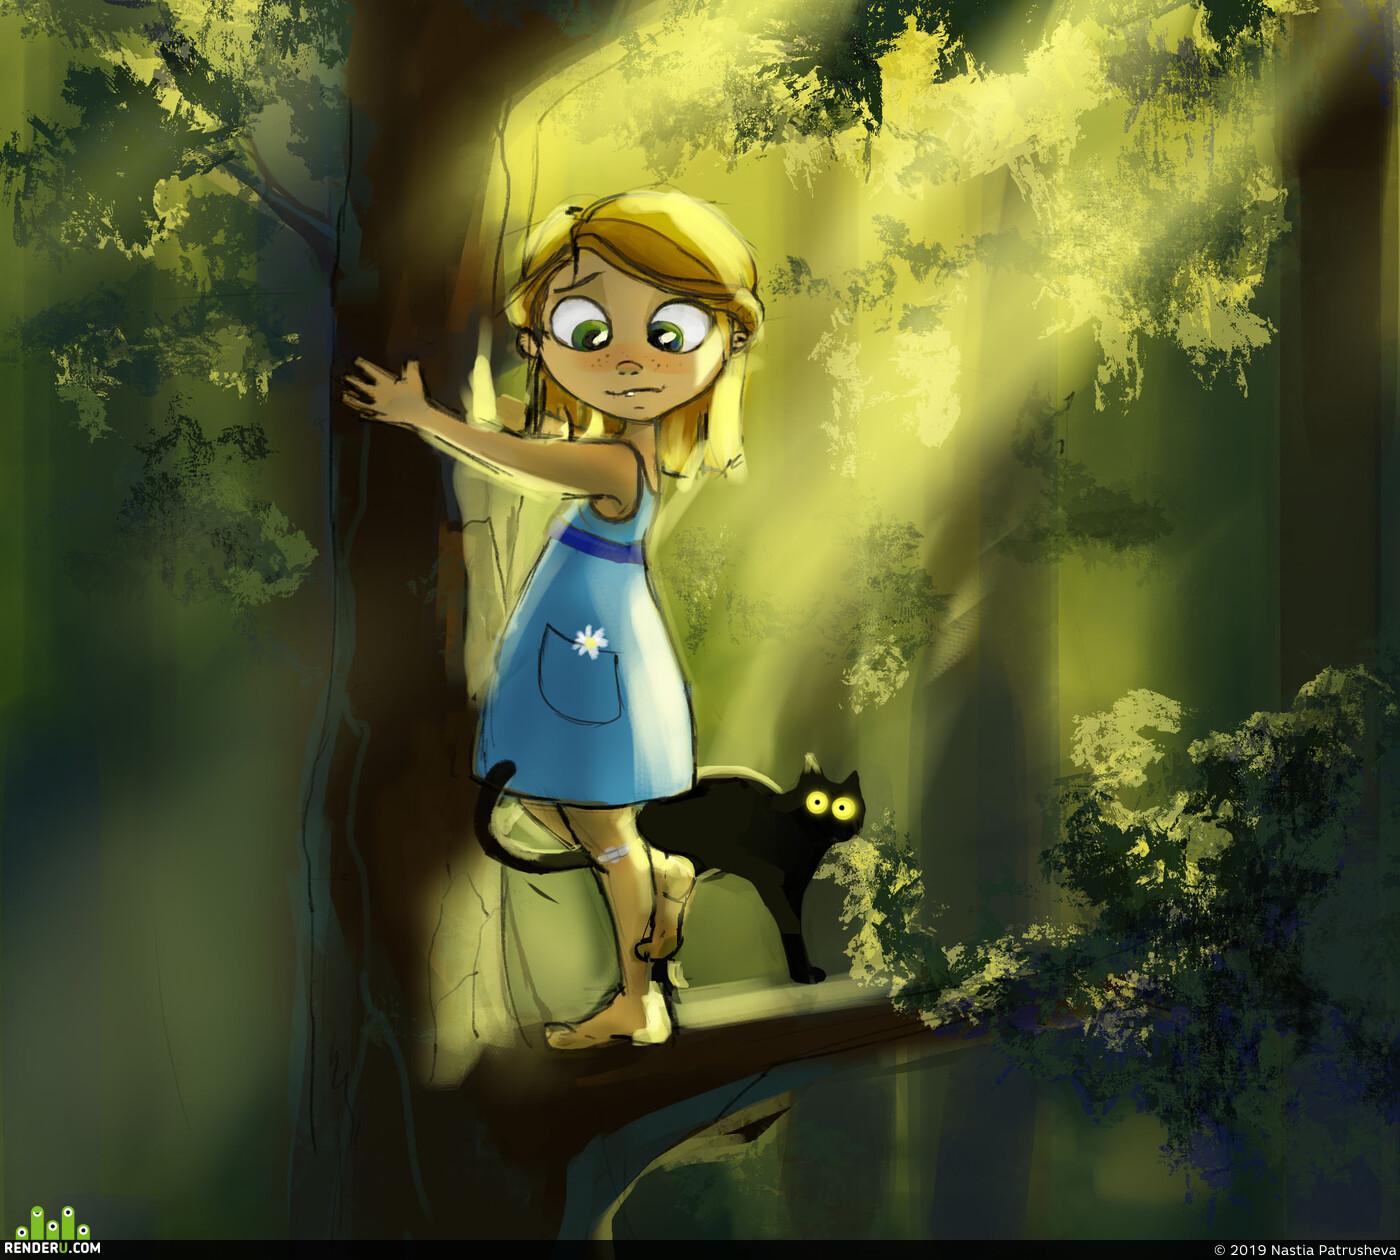 скетч, иллюстрация, детская иллюстрация, приключения, кот, книги